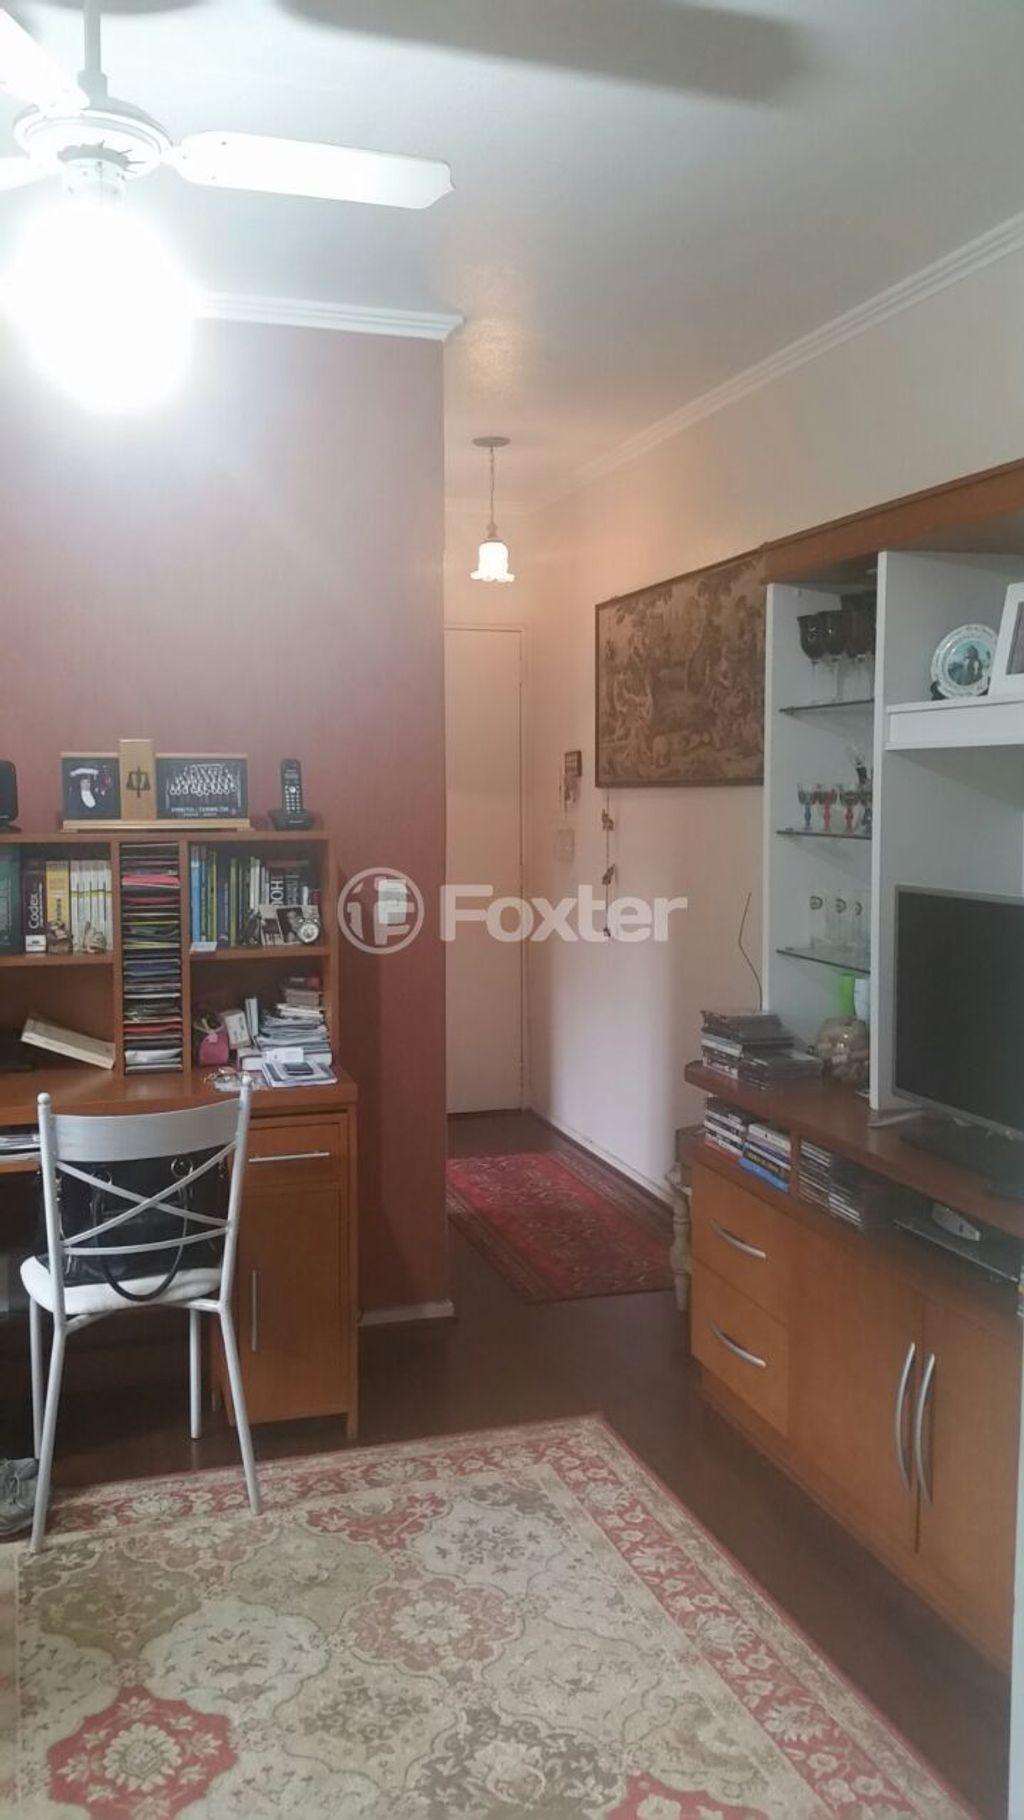 Foxter Imobiliária - Apto 1 Dorm, Protásio Alves - Foto 2